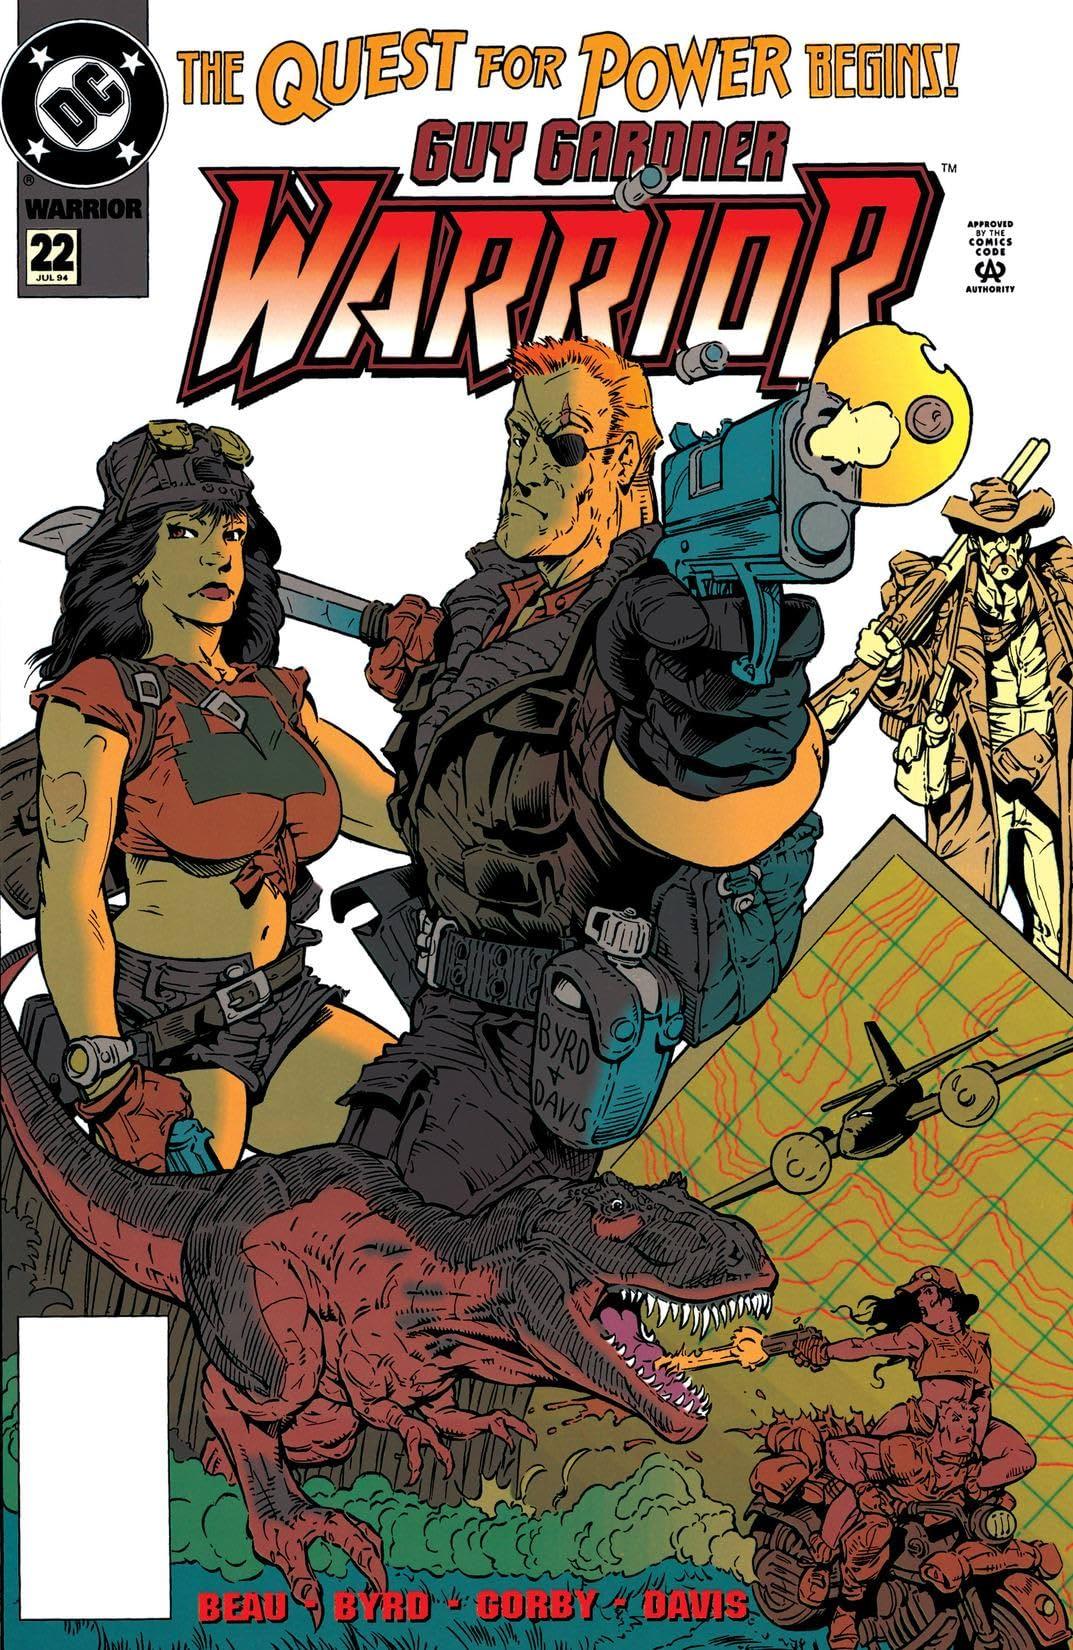 Guy Gardner: Warrior (1992-1996) #22